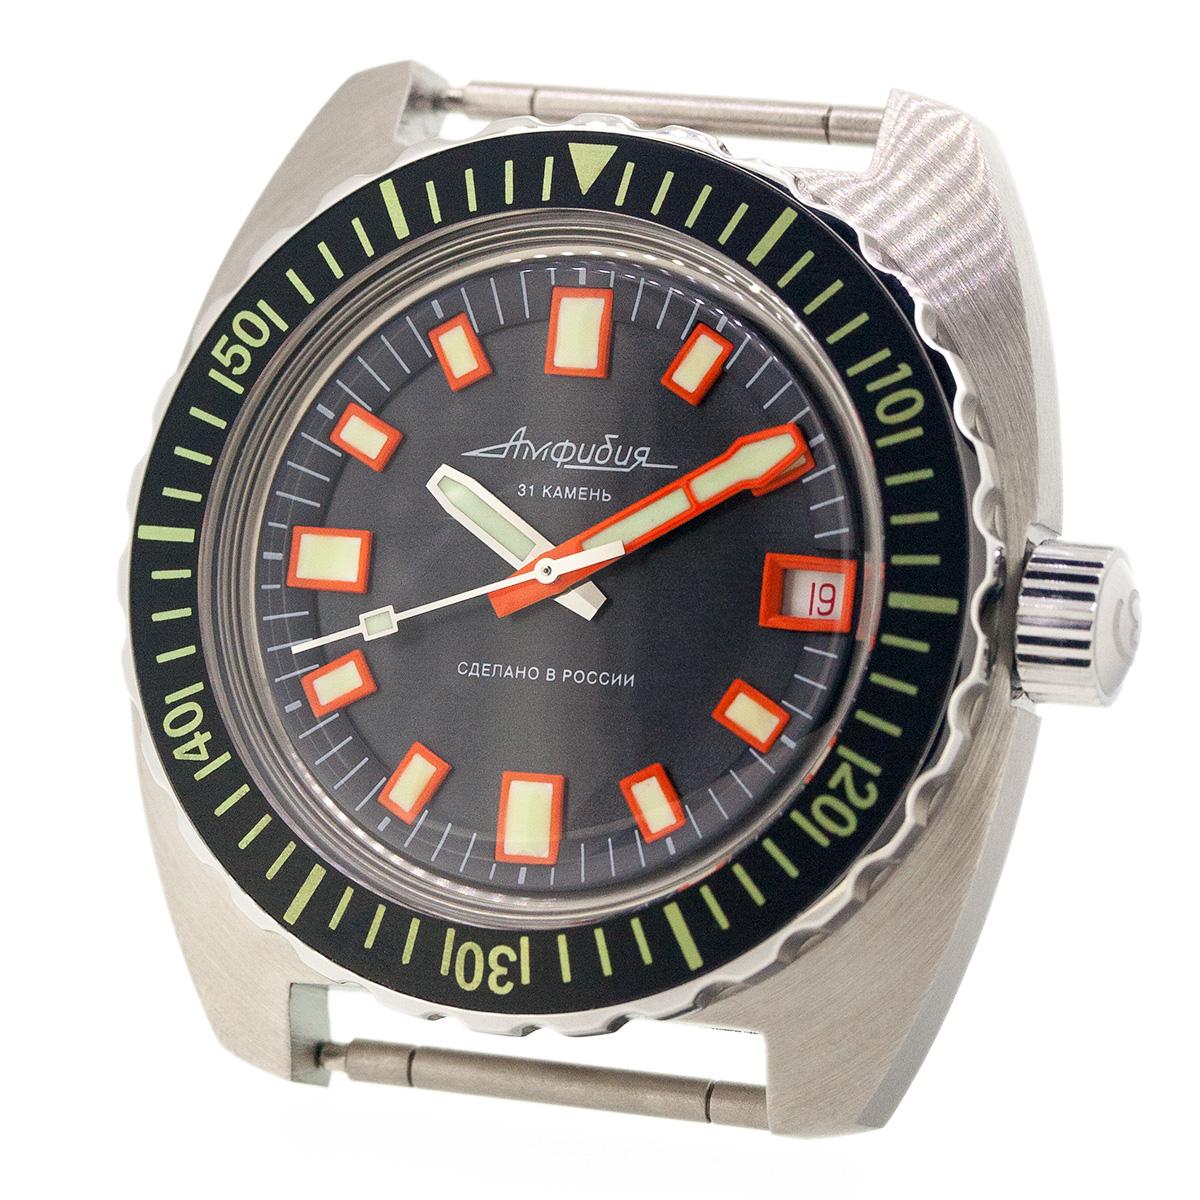 Projets horlogers (externes) - Page 8 Attachment